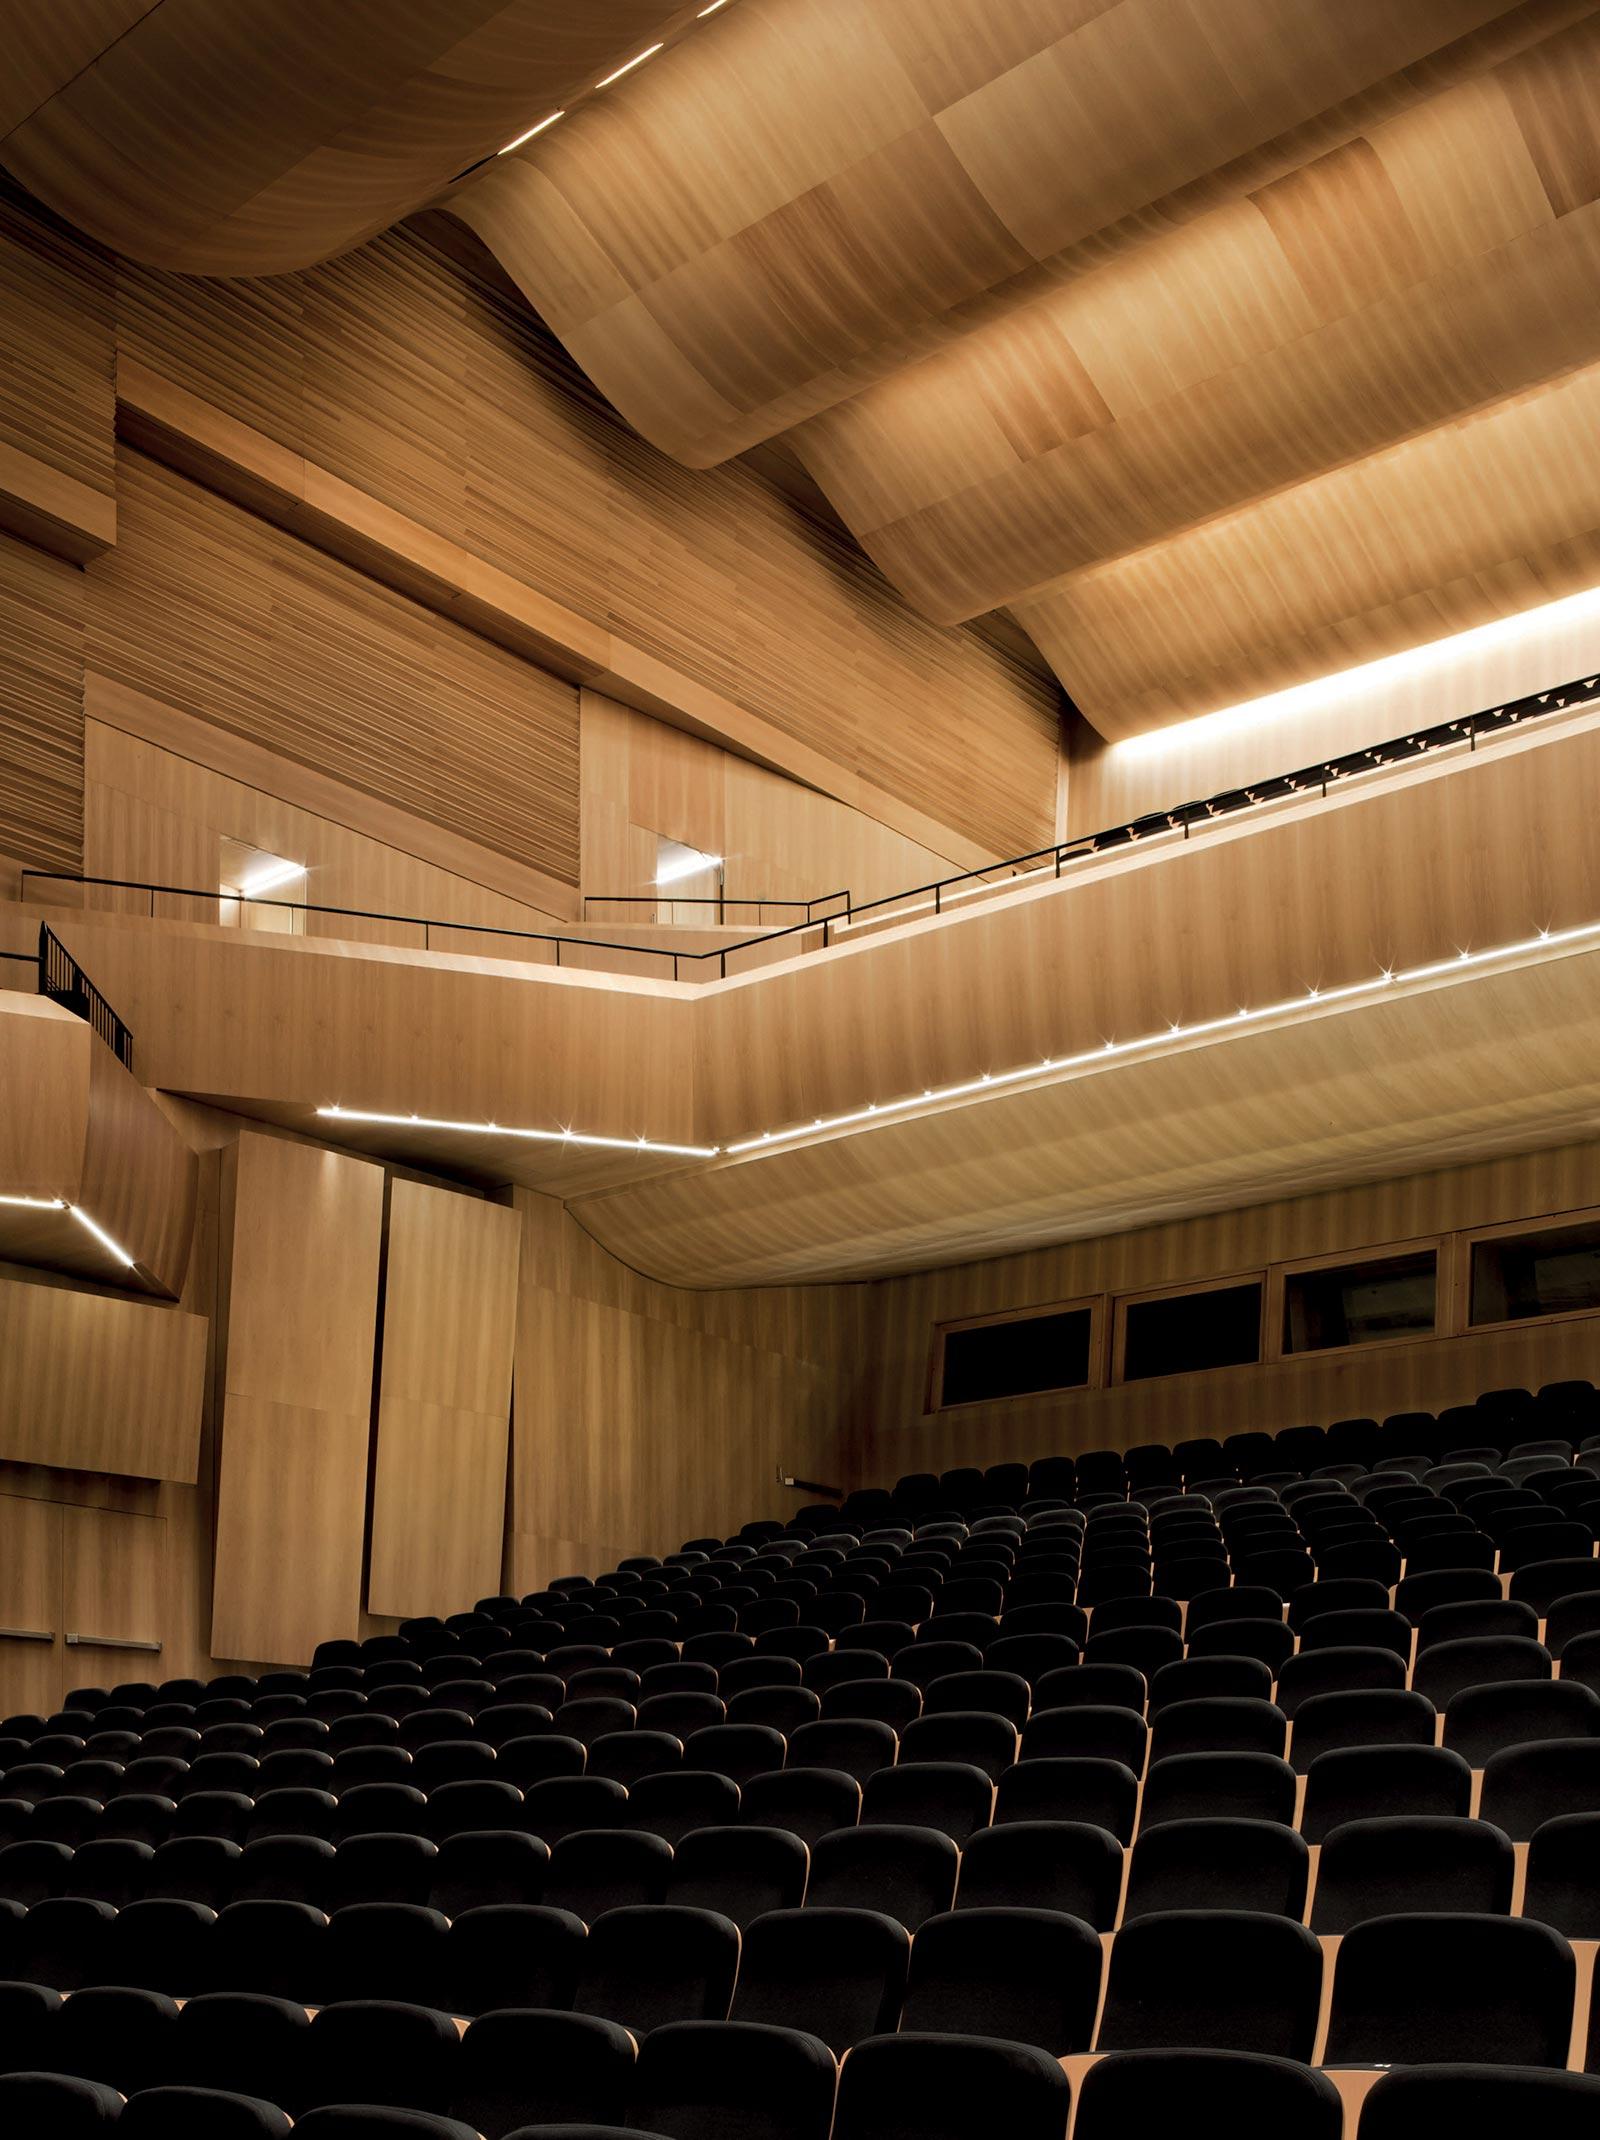 LAC auditorium lavori